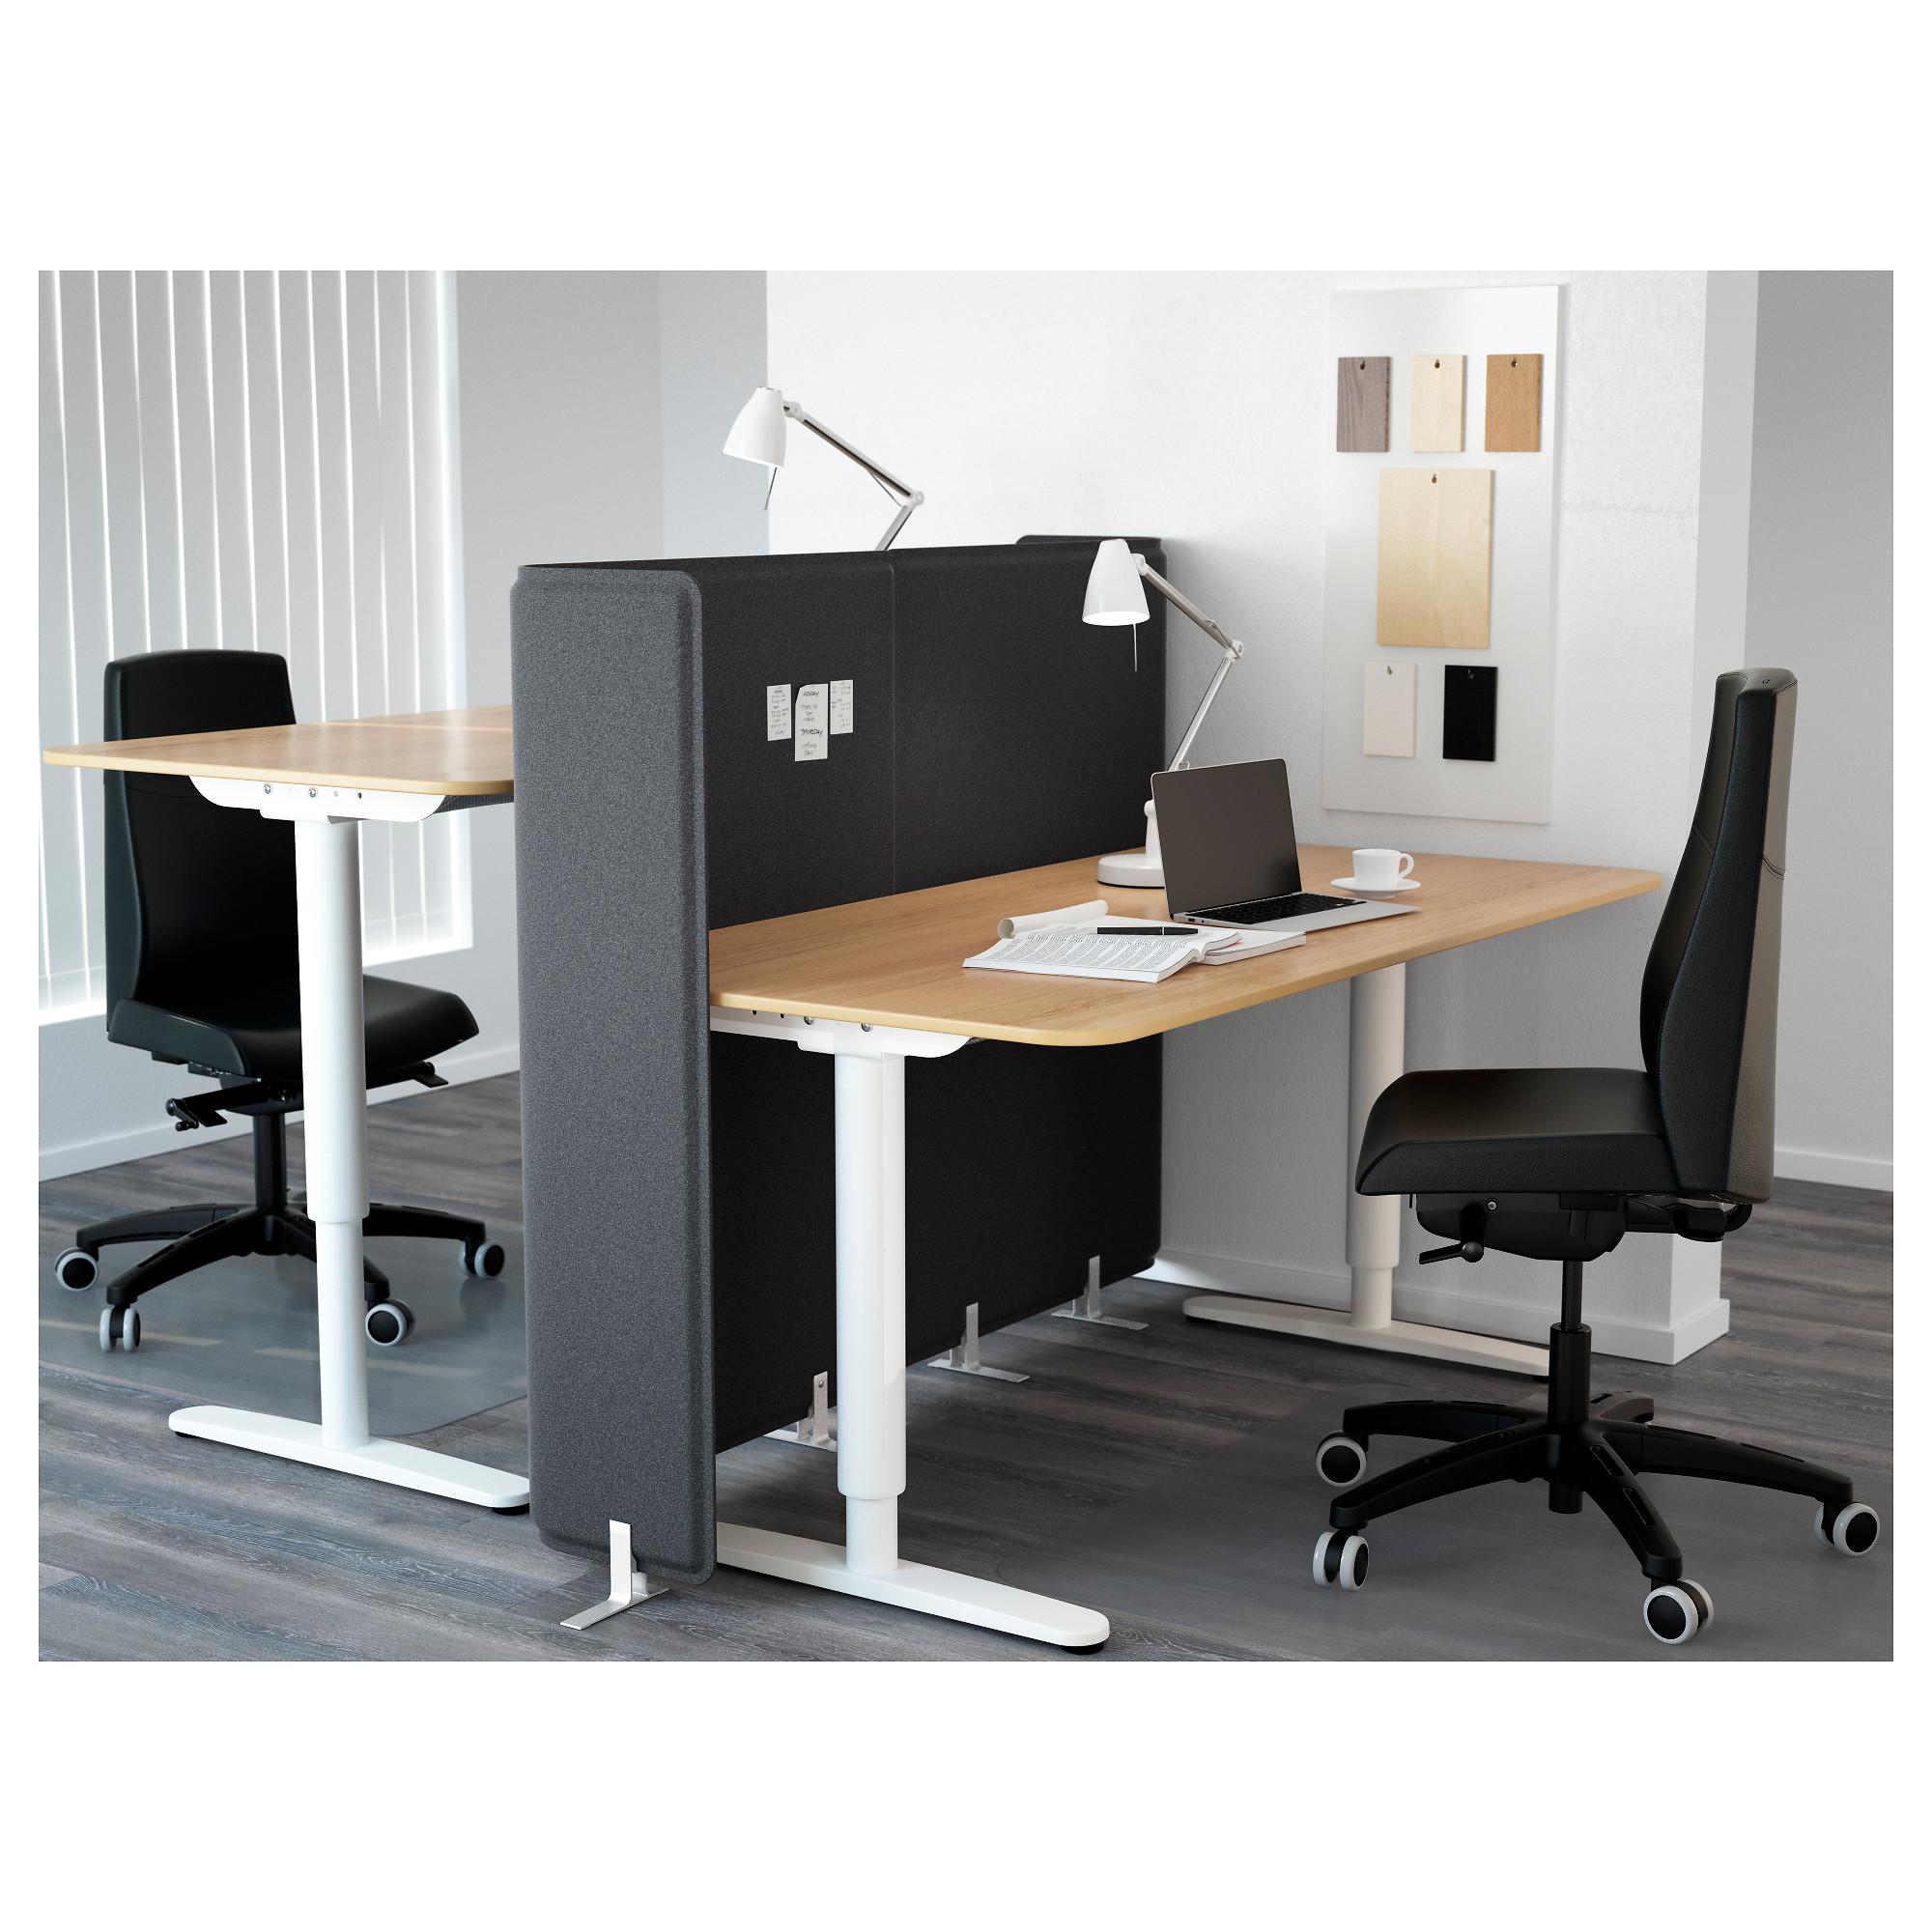 Стол-трансформер с экраном БЕКАНТ белый артикуль № 792.786.79 в наличии. Интернет сайт IKEA РБ. Быстрая доставка и монтаж.